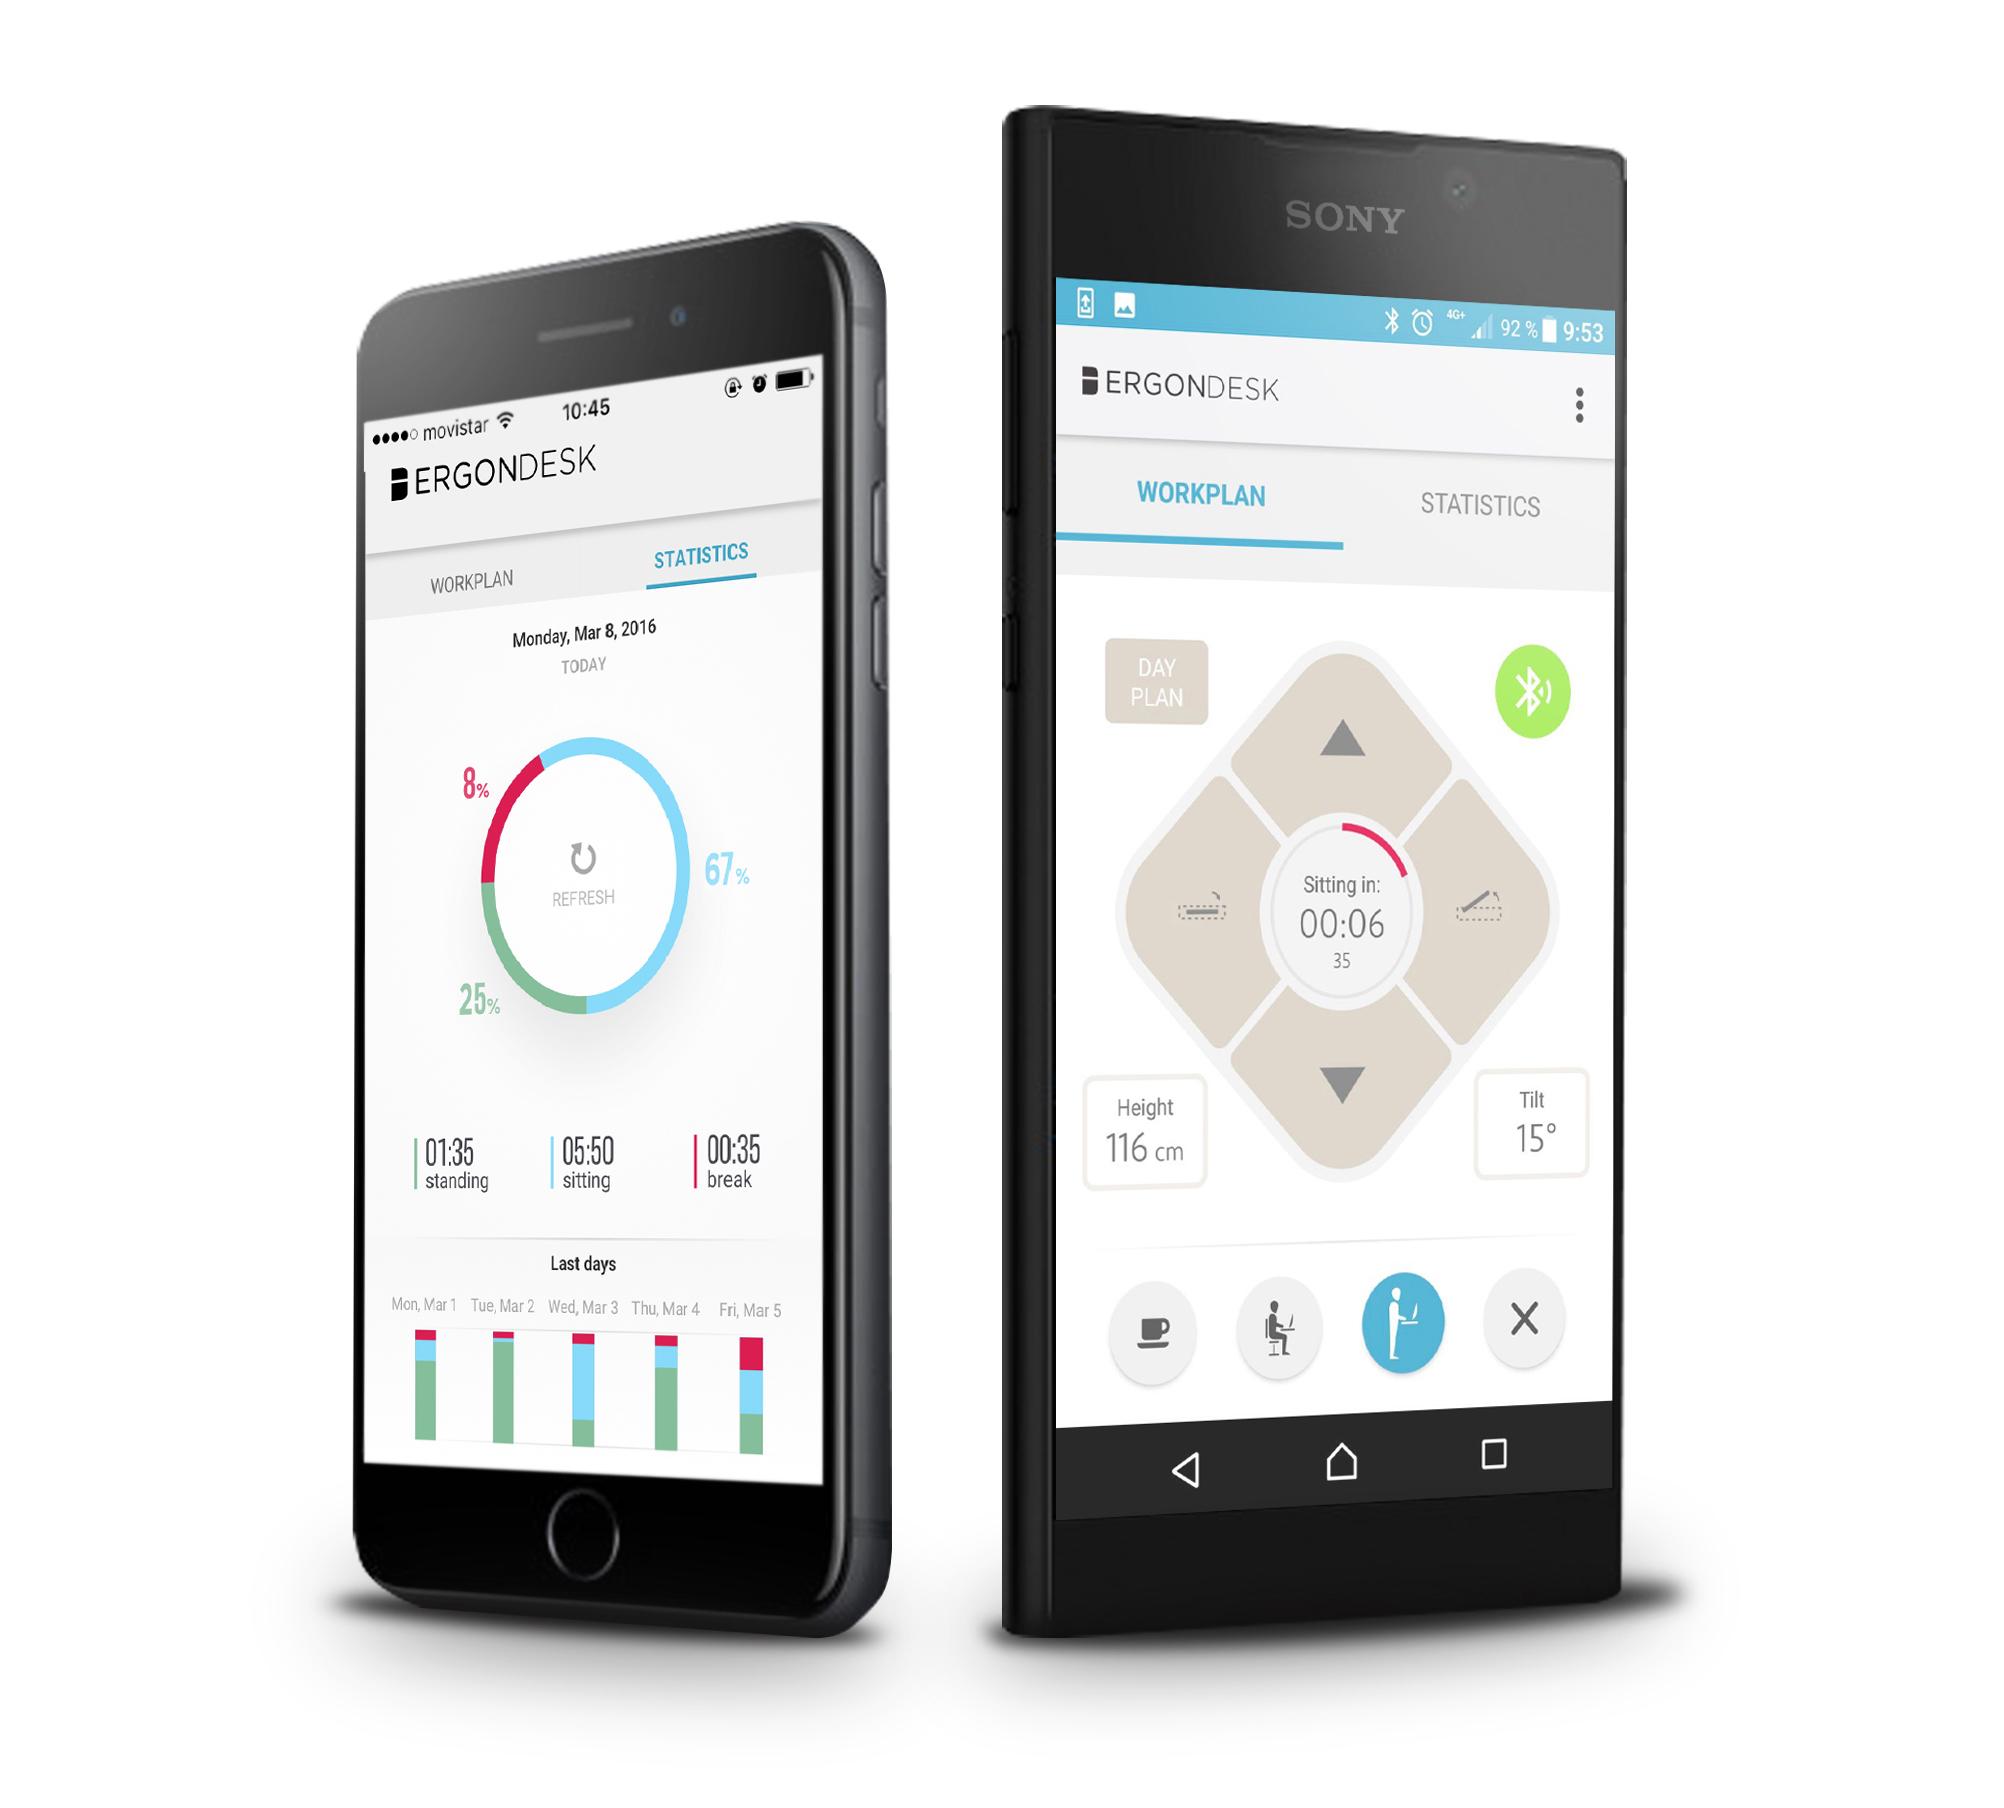 App inteligente - Ahora no serás tú el que se adapte a la mesa, será ella la que se adapte a ti gracias al control móvil a través de Bluetooth.Con su App integrada, la Ergon guarda las posiciones de trabajo sentado y de pie de cada usuario de forma personalizada.